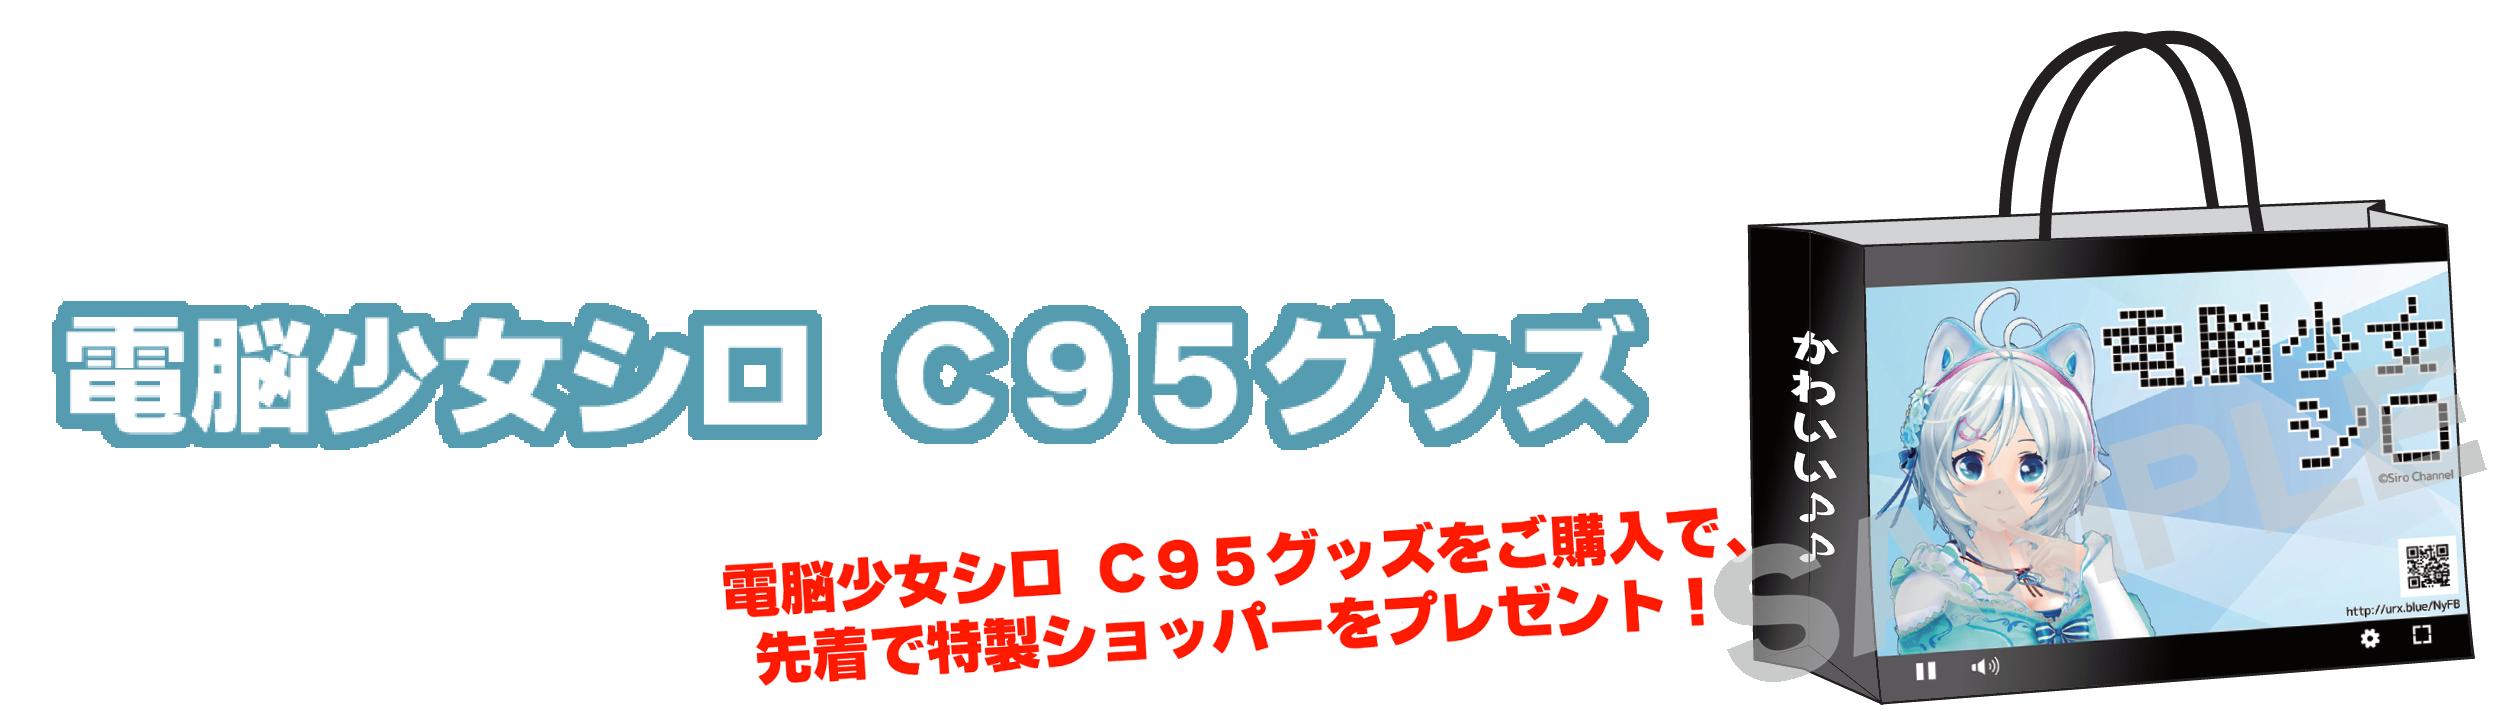 電脳少女シロ C95グッズ